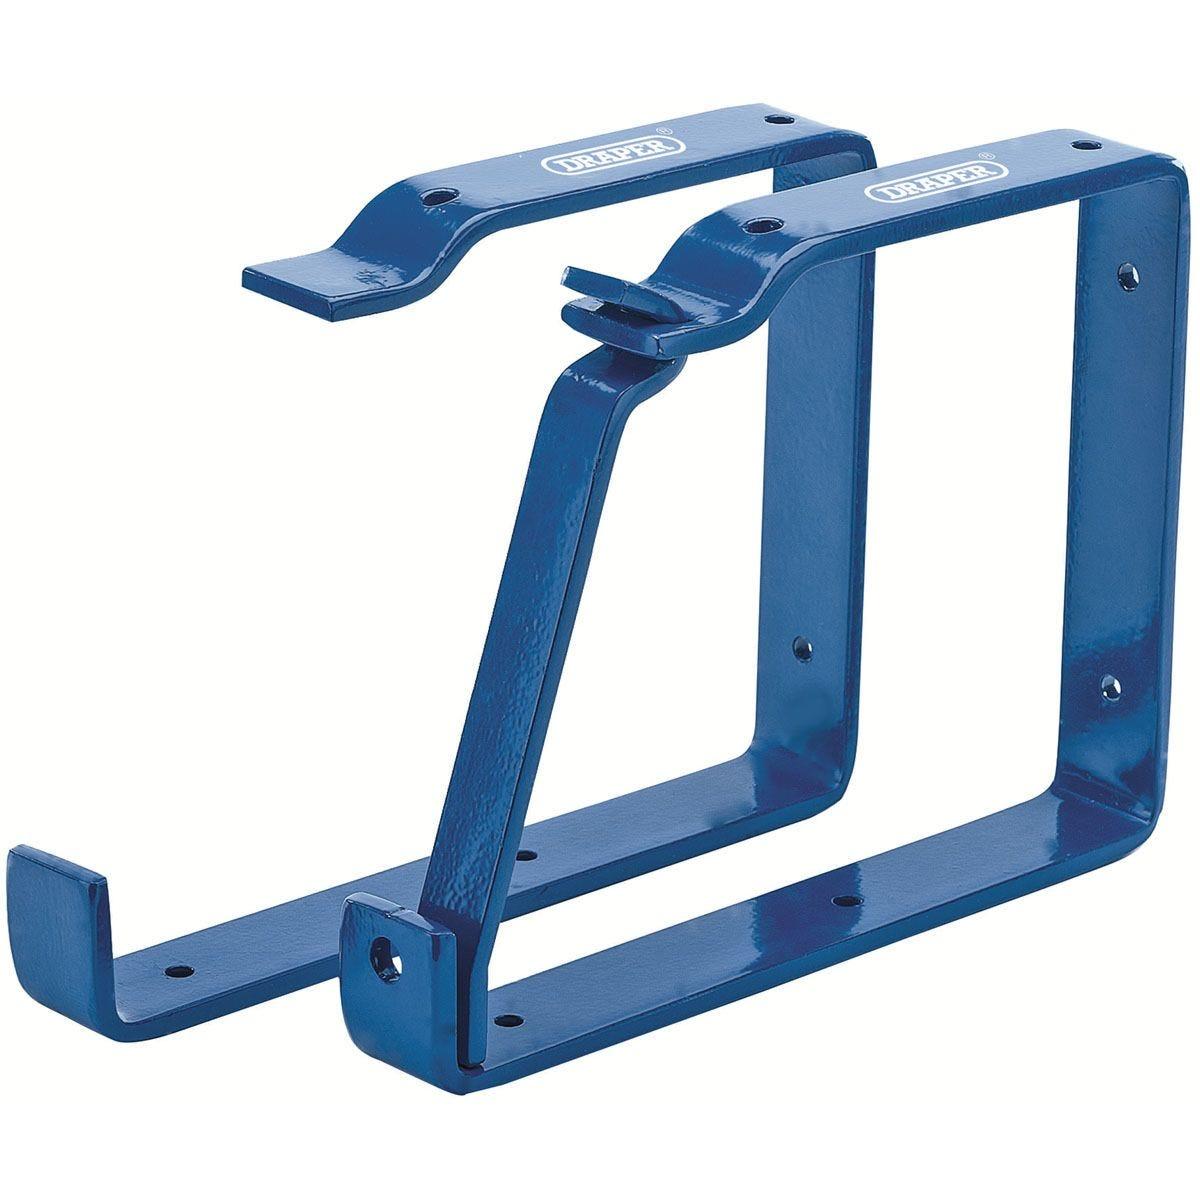 Draper Ladder Lock - Blue